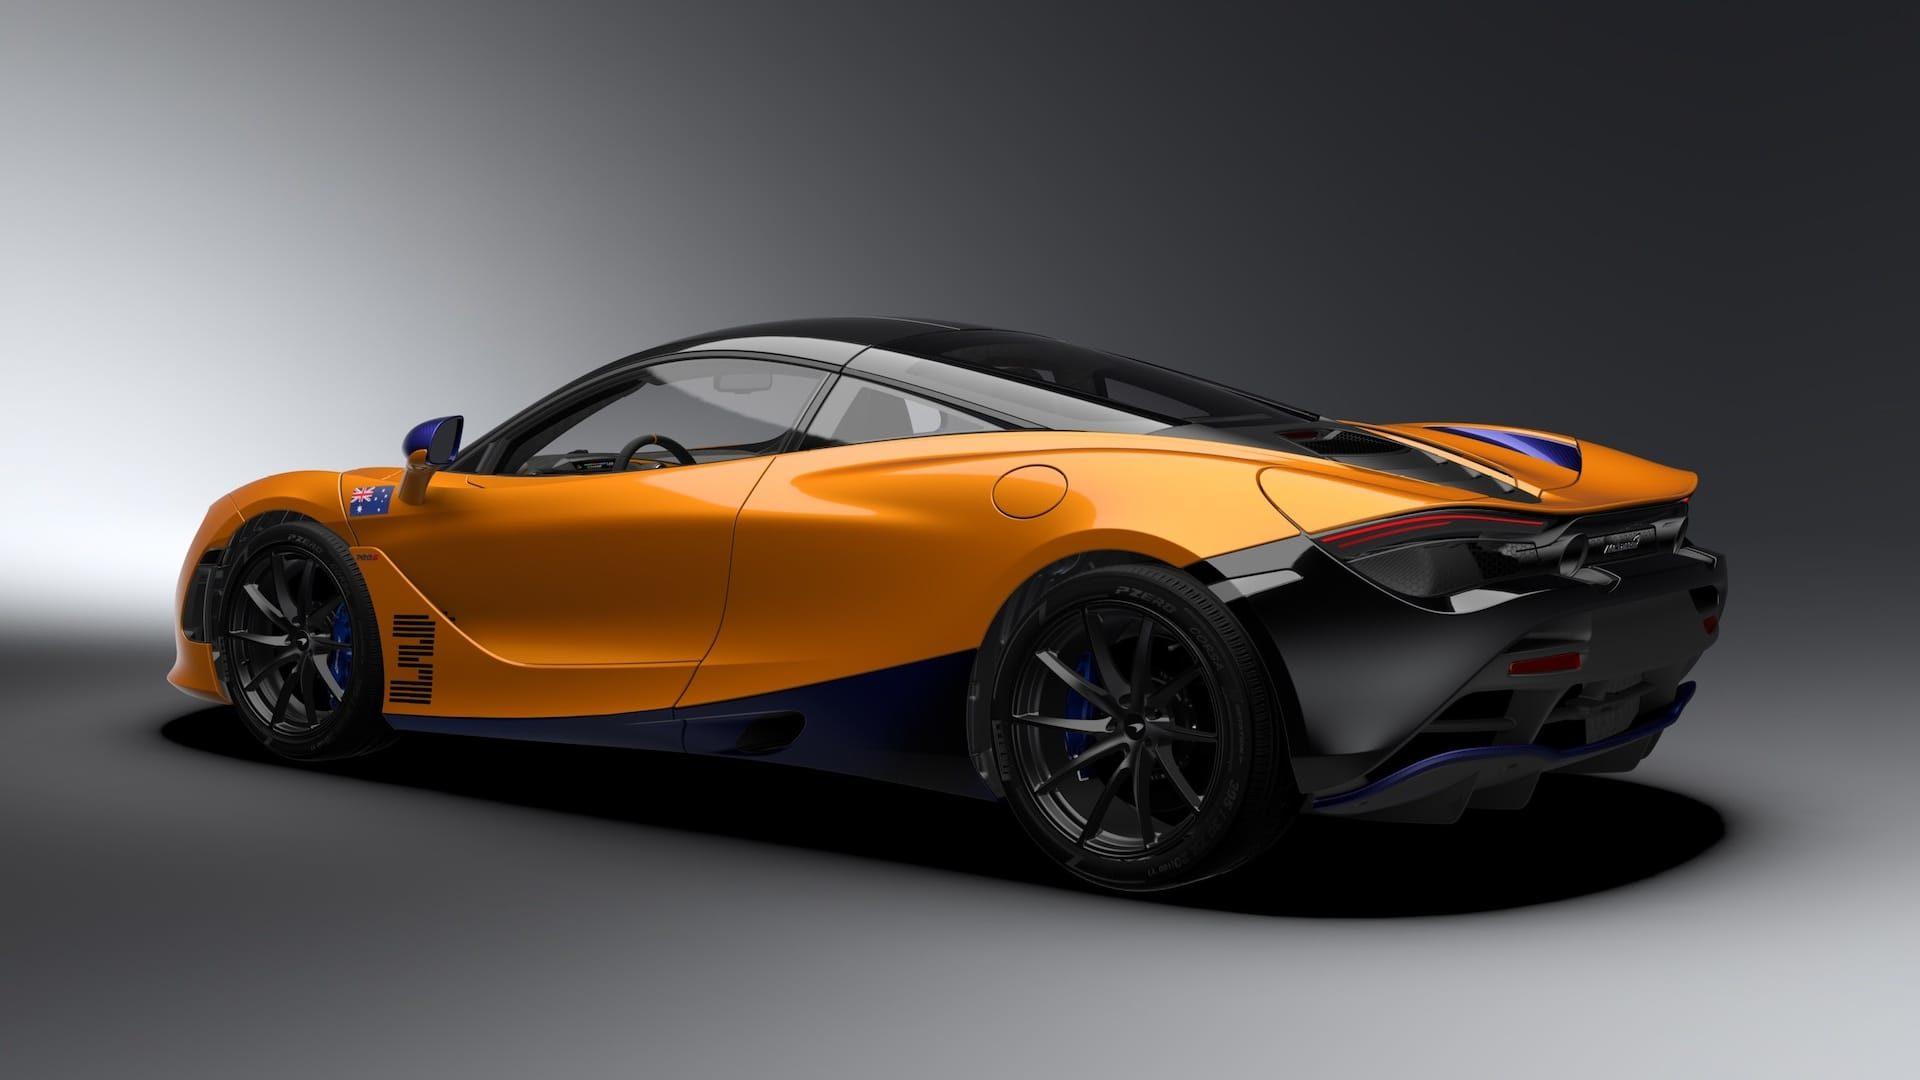 McLaren 720S Ricciardo Edition